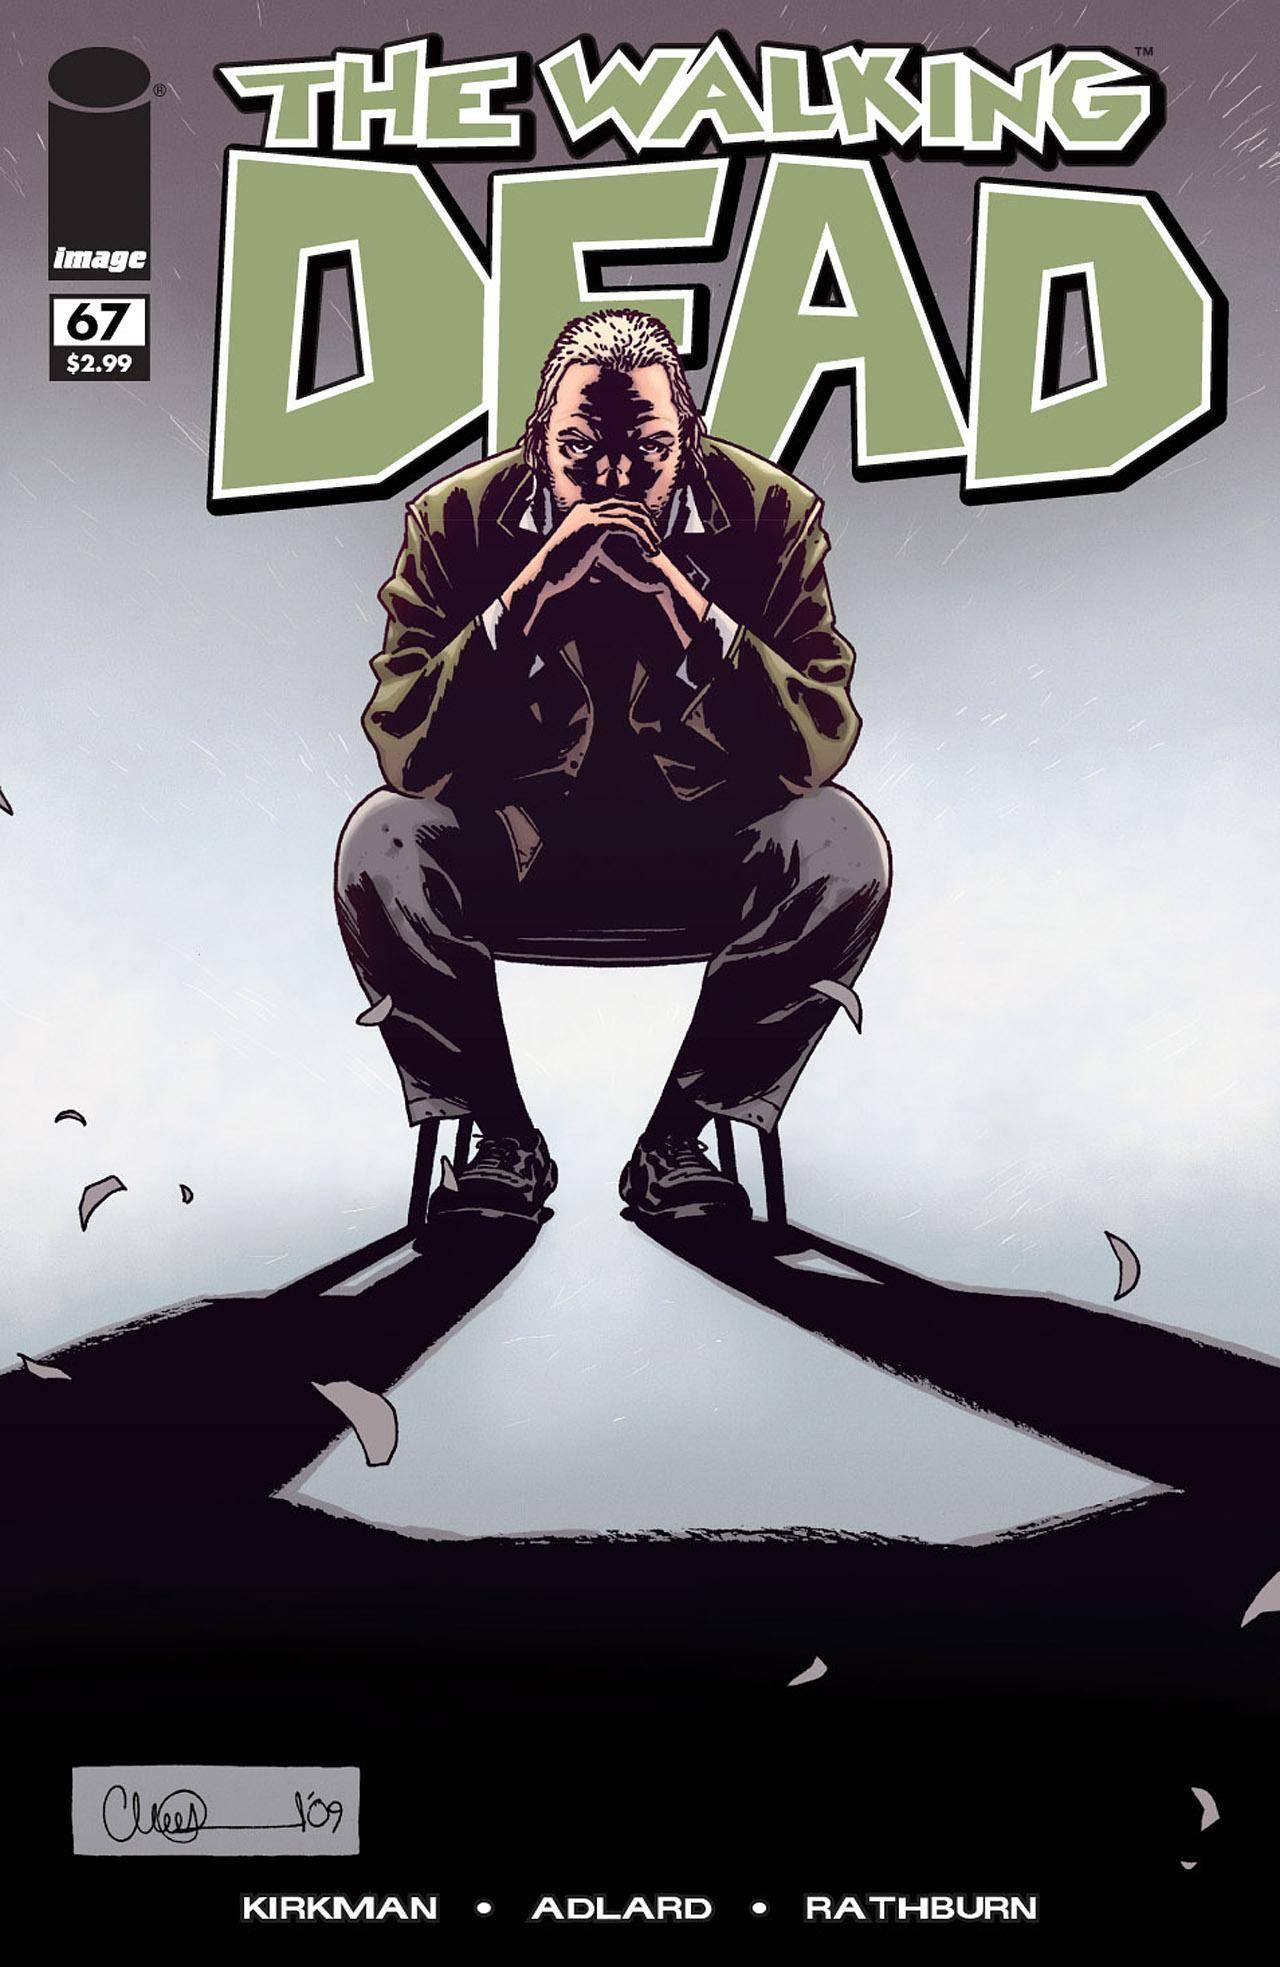 Walking Dead 067 2009 digital